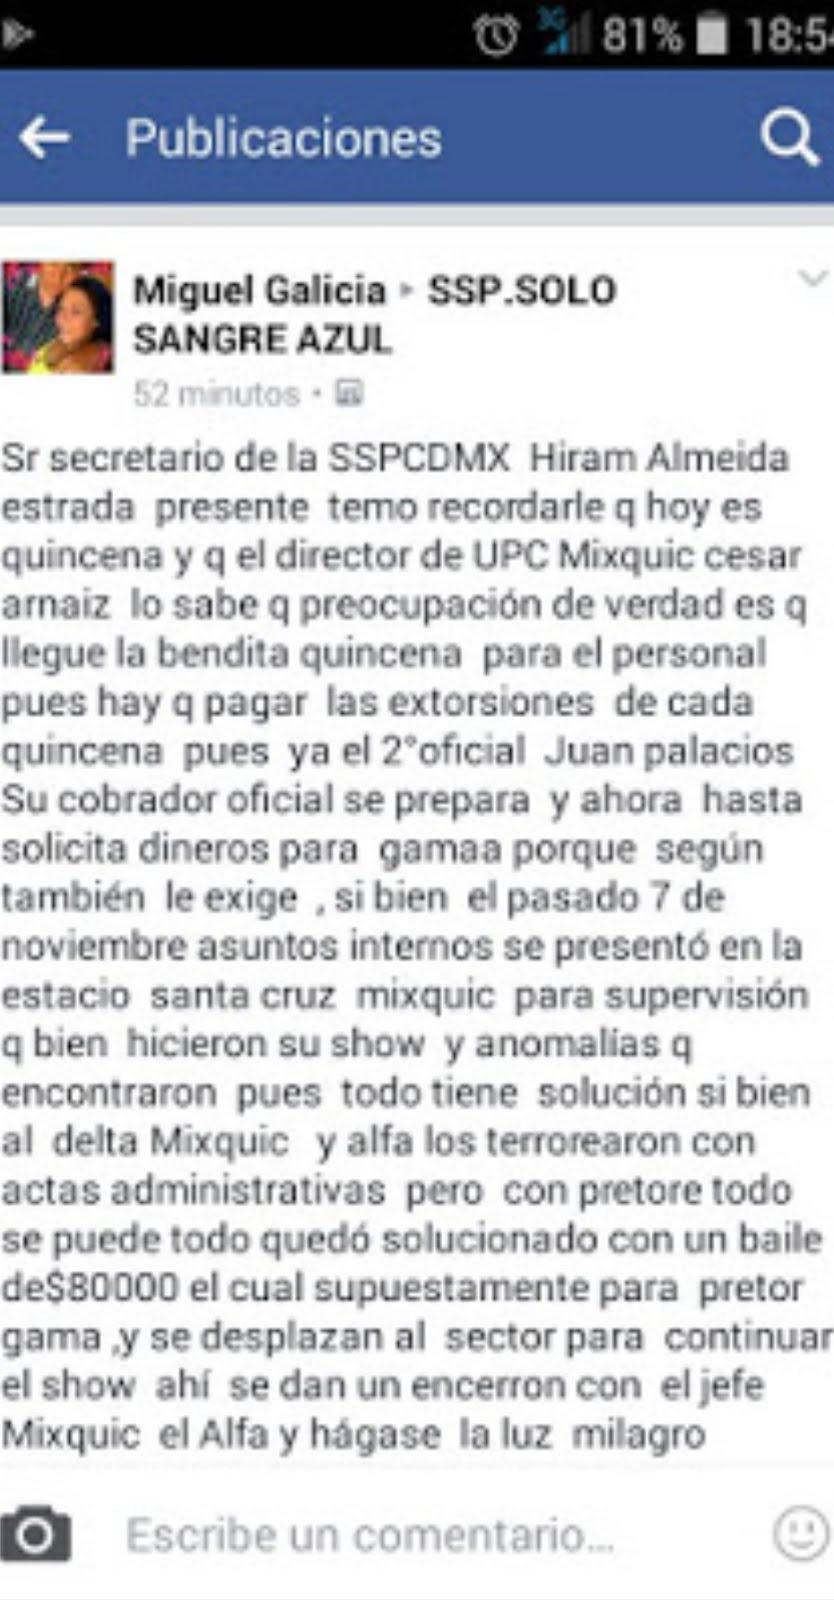 El hediondo tufo de la corrupción policíaca en el sector Mixquic